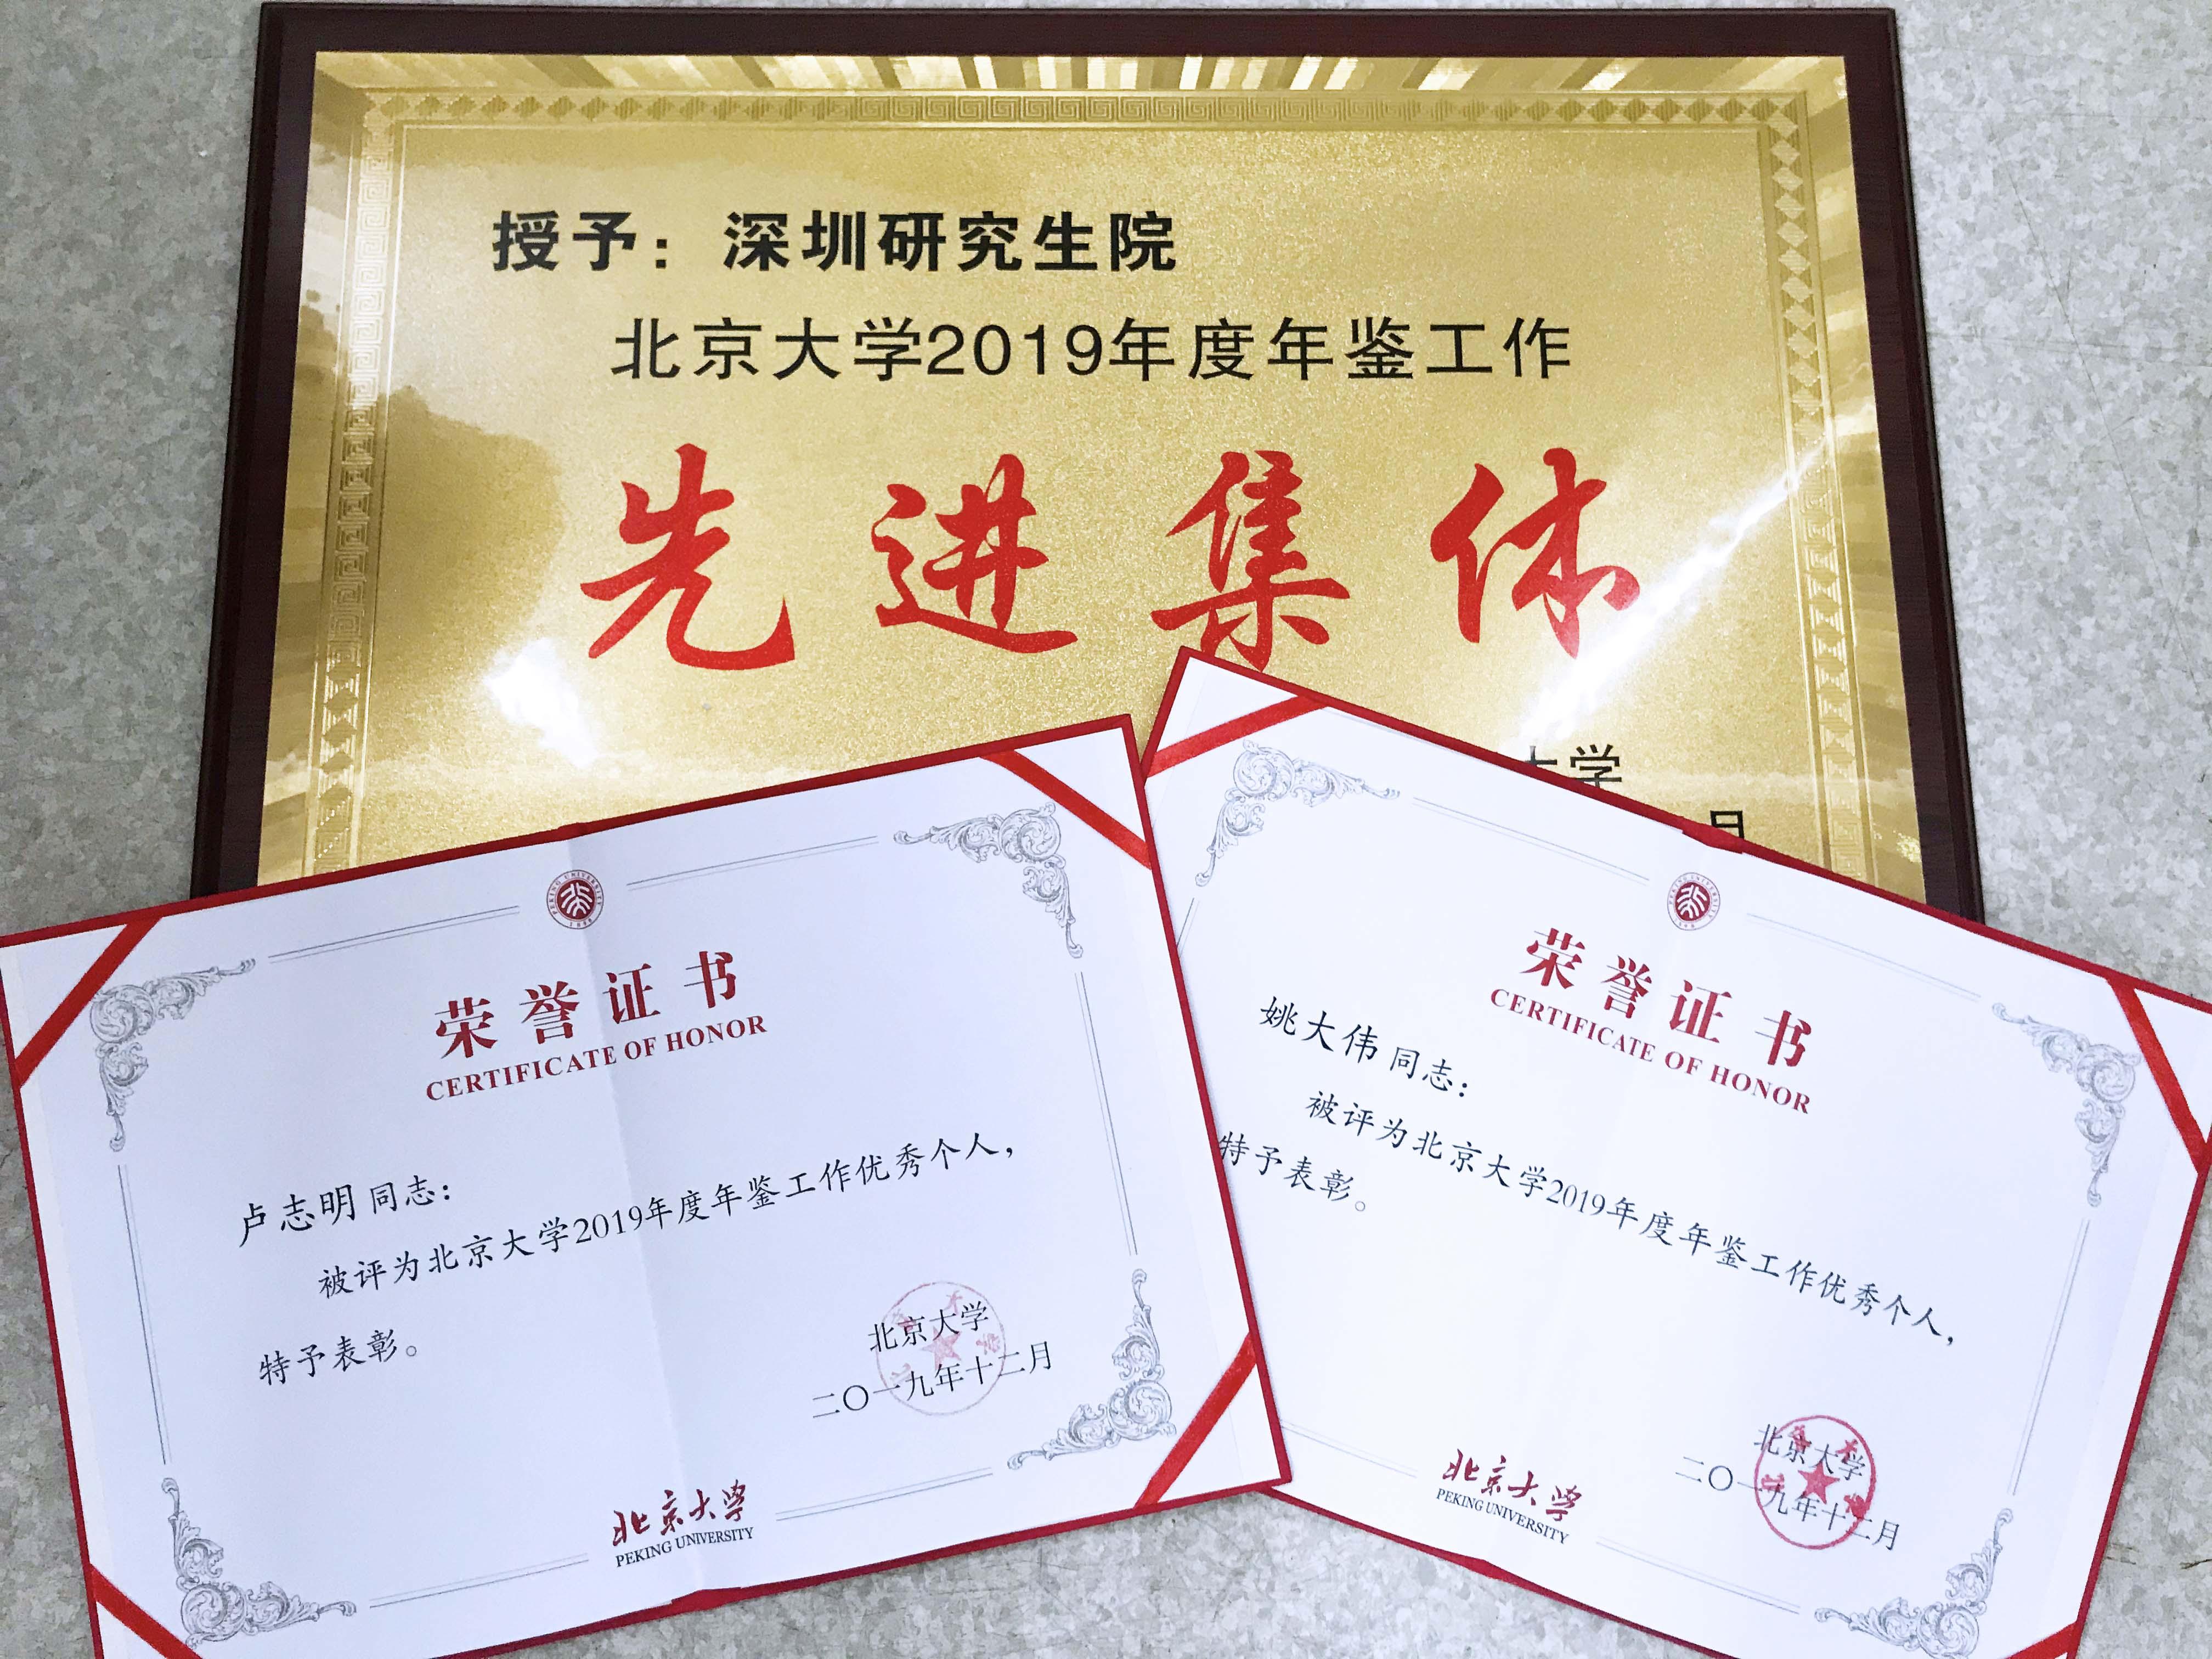 我院榮獲北京大學2019年度年鑒工作先進集體榮譽稱號